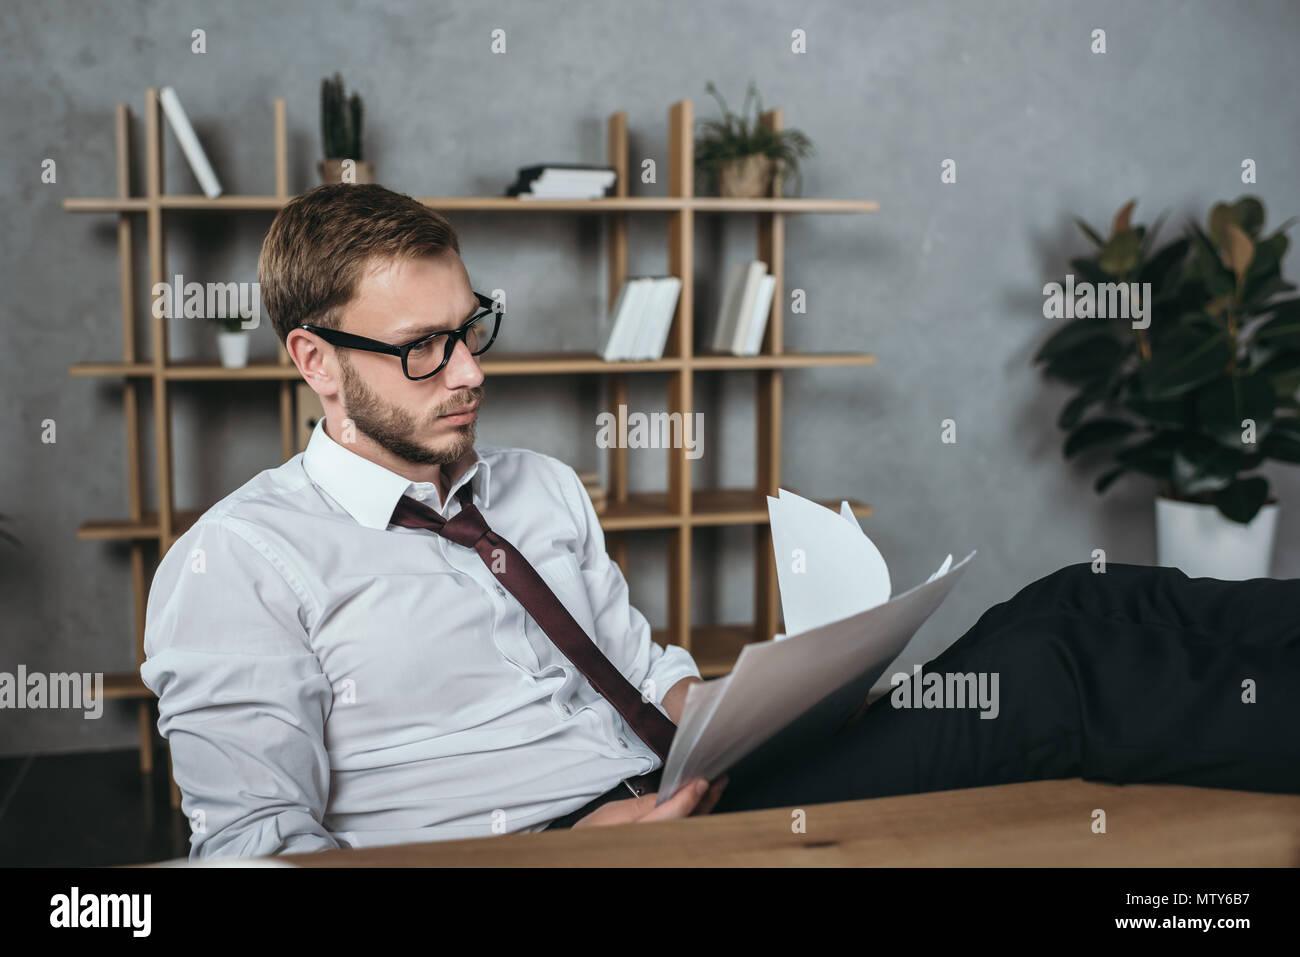 Giovane imprenditore in abbigliamento formale documentazione facendo mentre è seduto in un ufficio moderno Immagini Stock